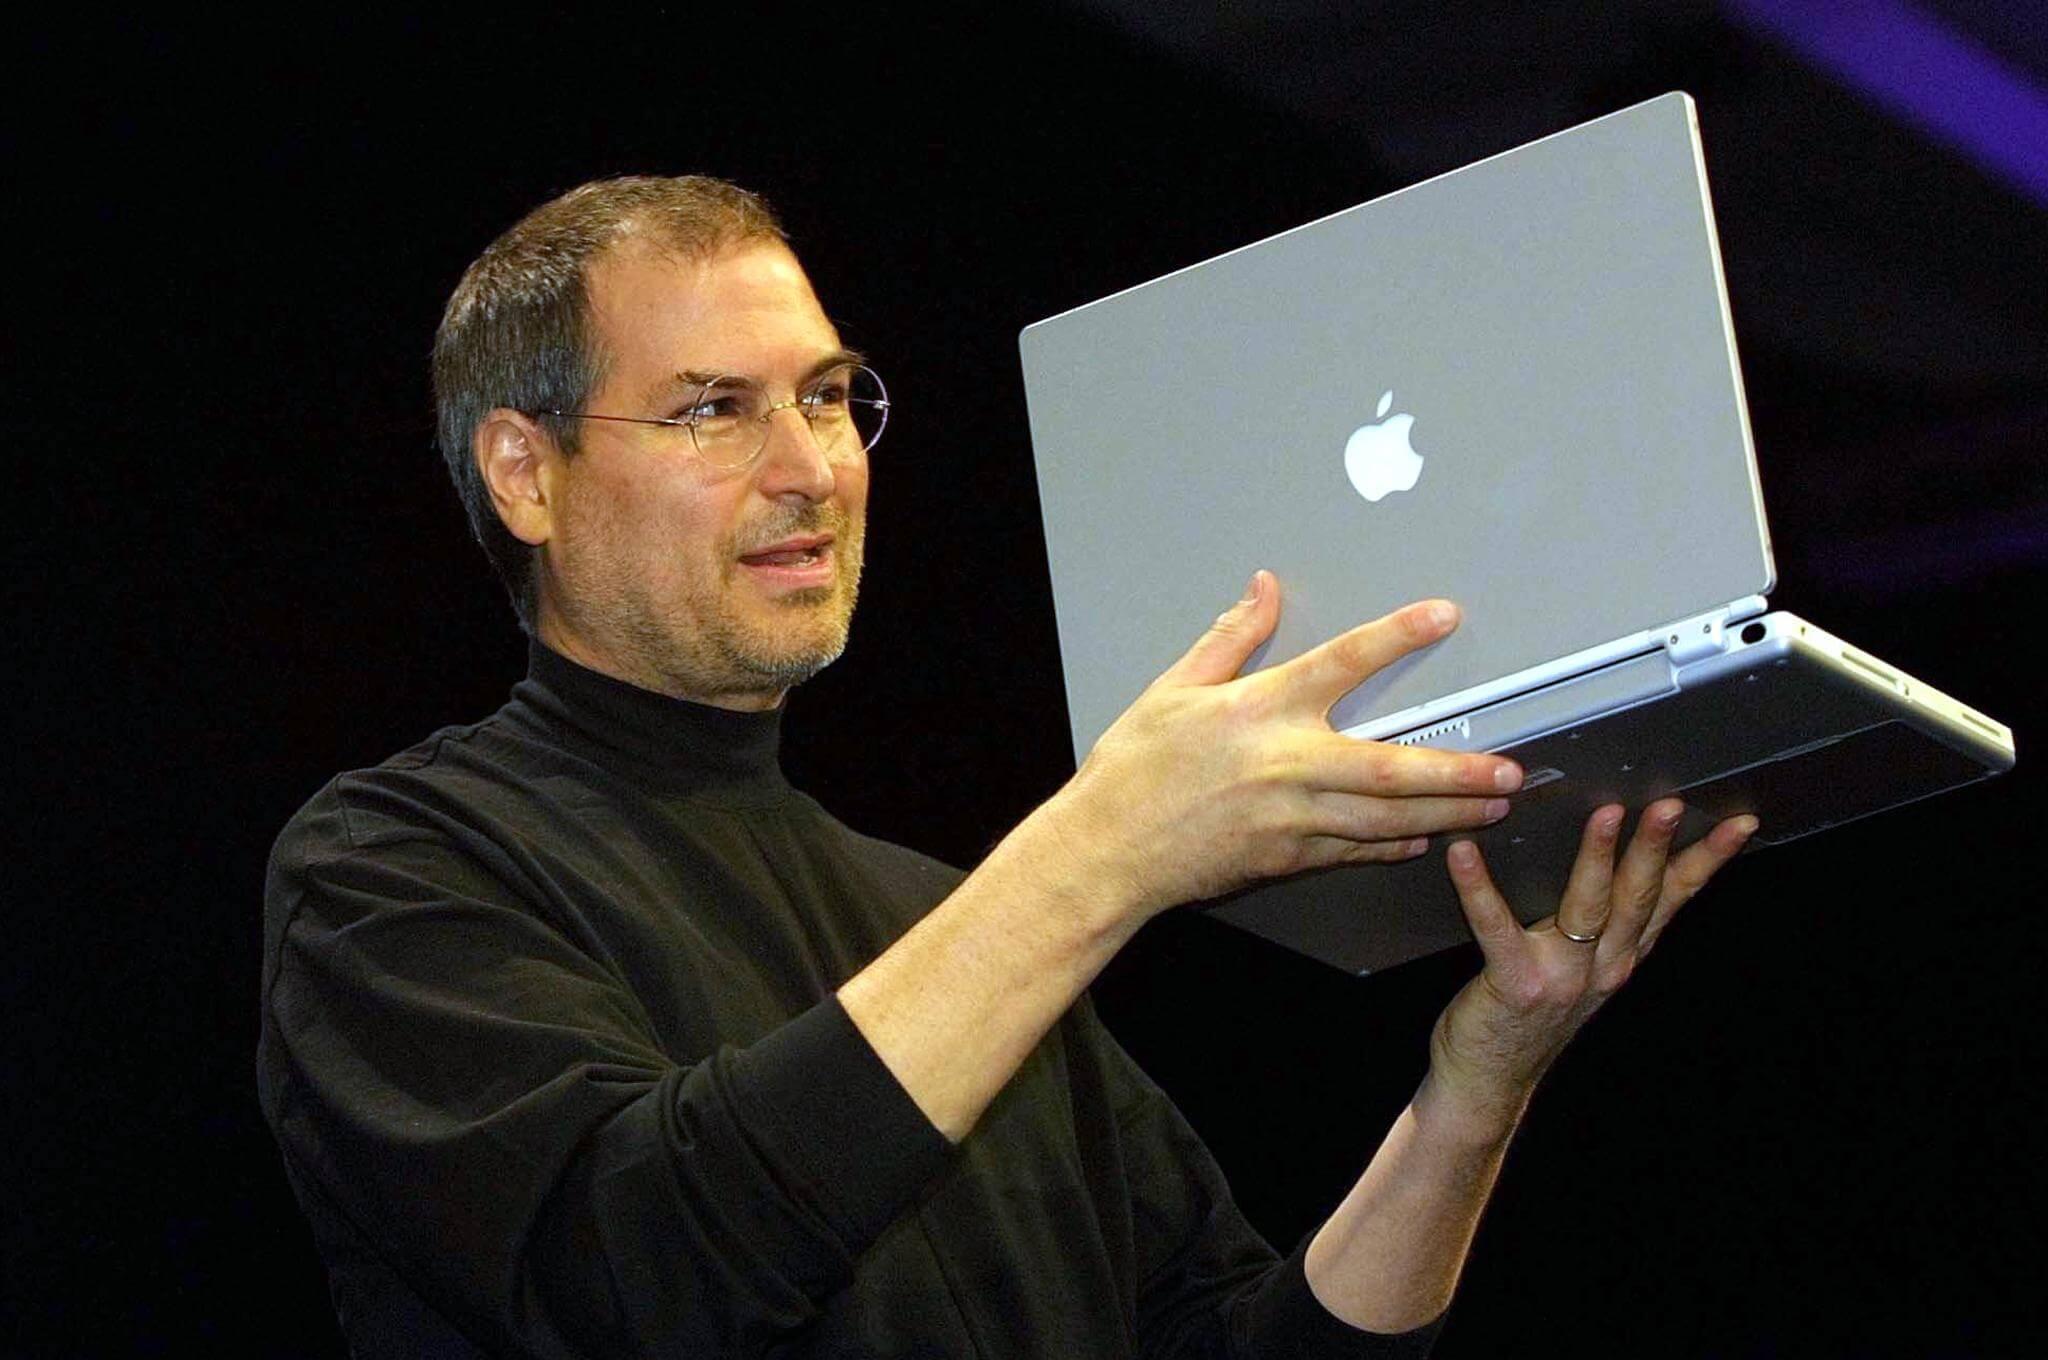 Почему MacBook Pro не нужны качественные динамики, а в Apple Music нет треков в hi-res